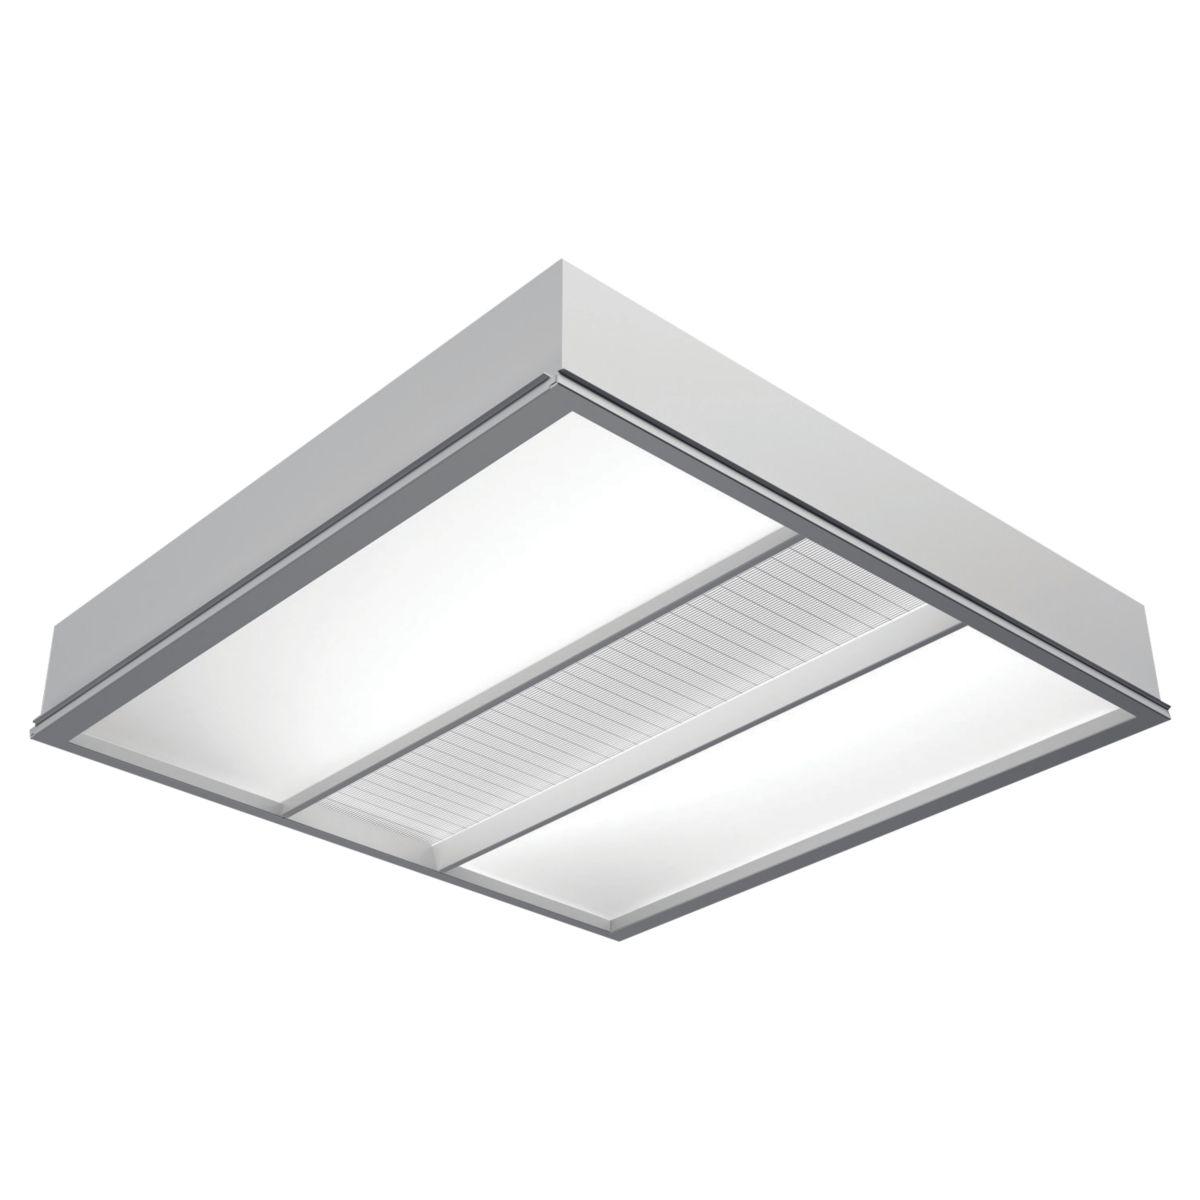 Luminous HE LED